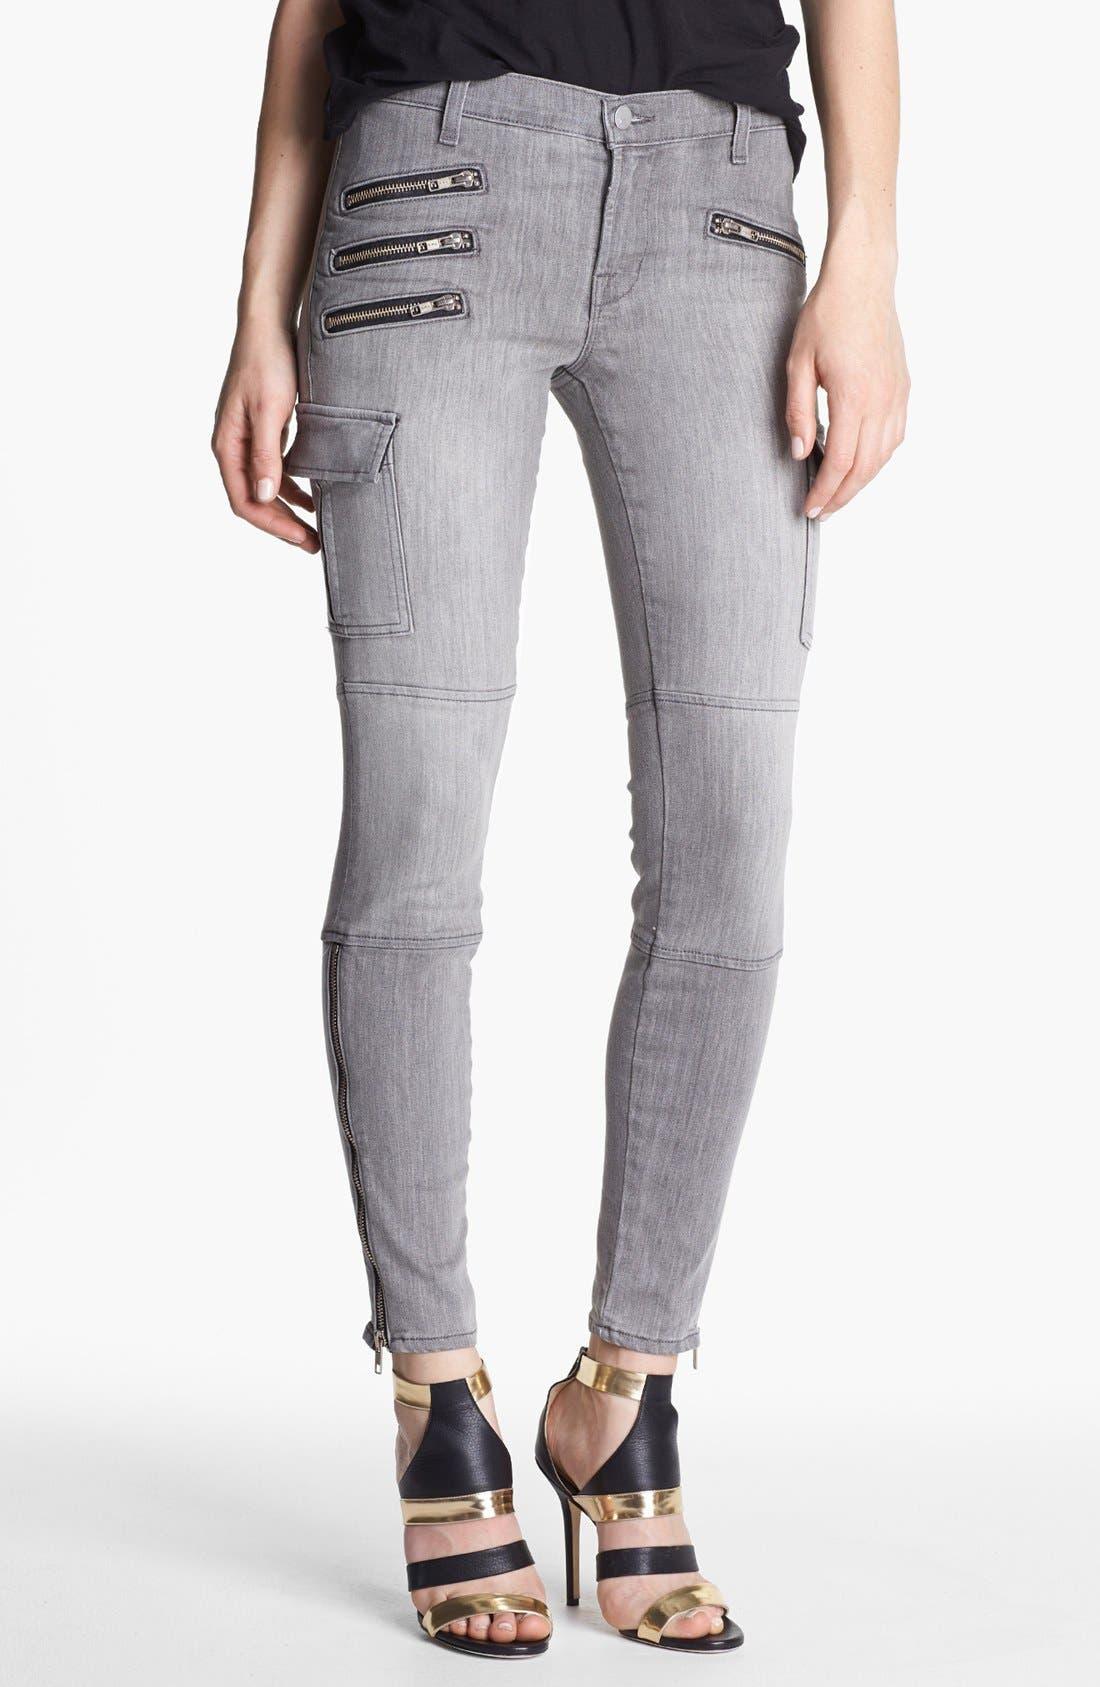 Main Image - J Brand 'The Brix' Moto Skinny Pants (Lunar)